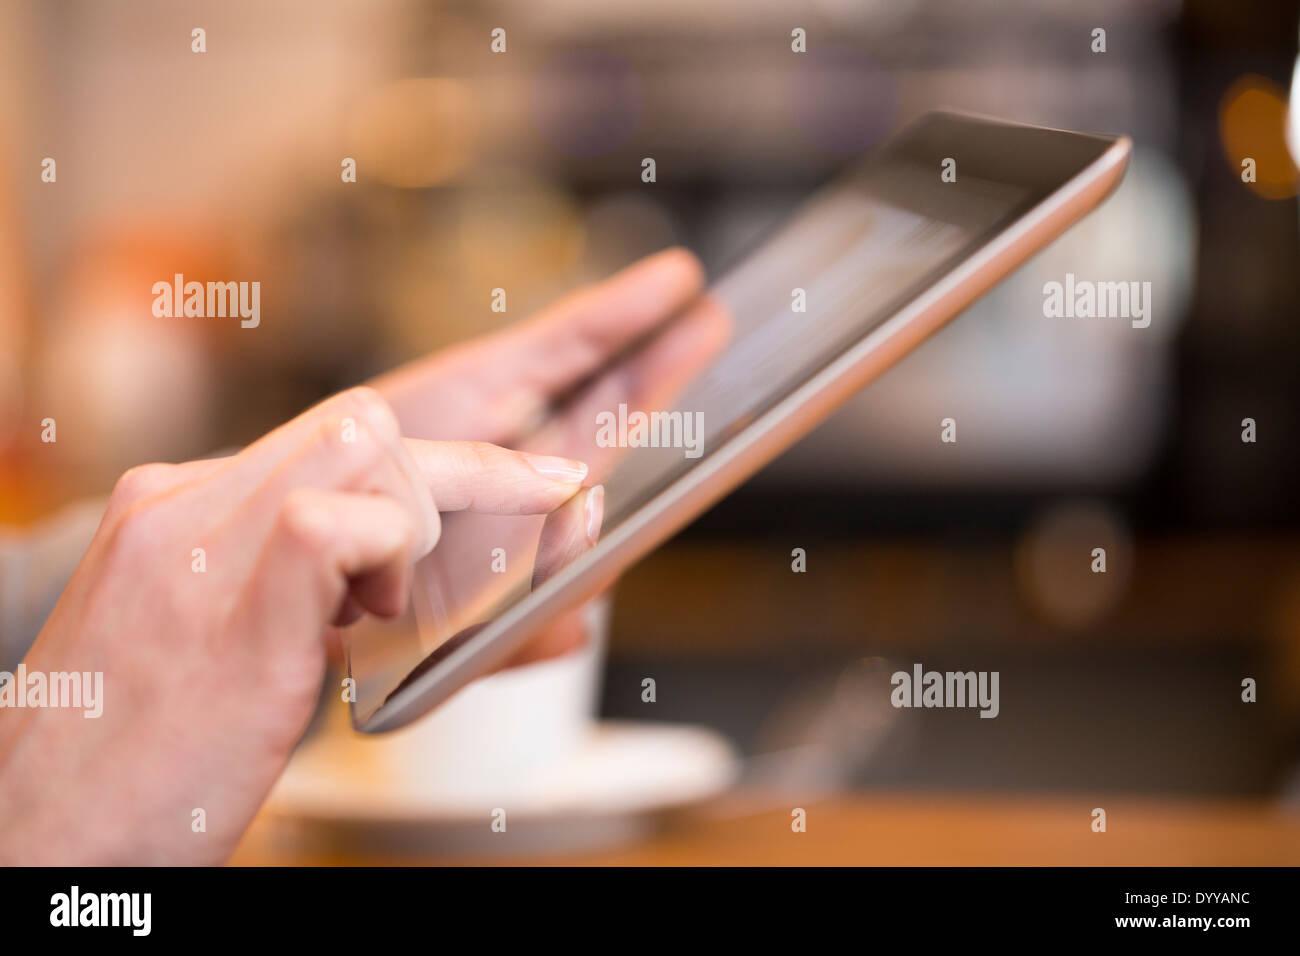 Pc pub messgae femenina e-mail dedos Imagen De Stock